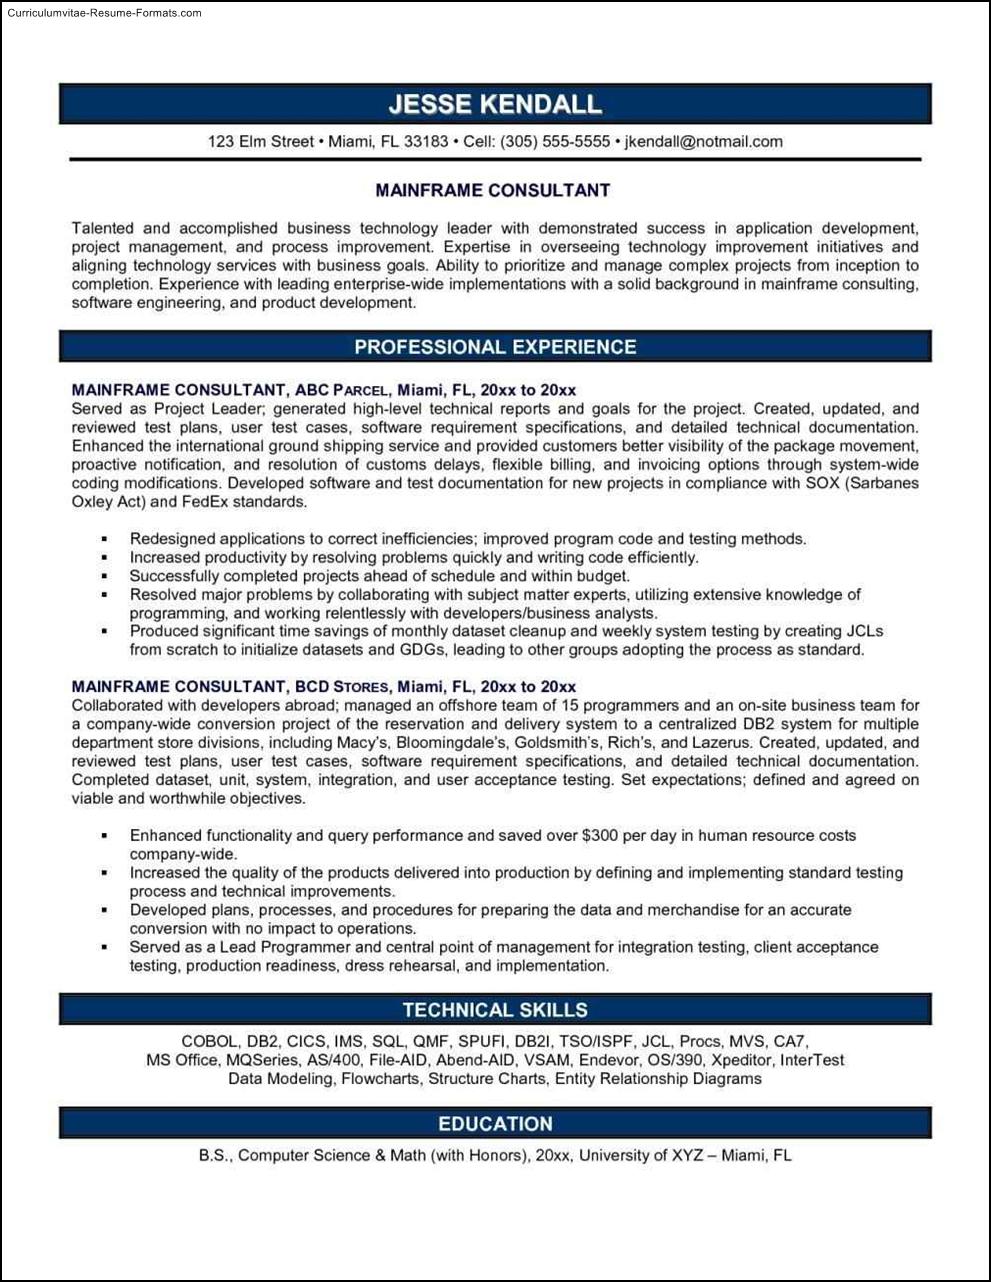 Consultant Resume Example